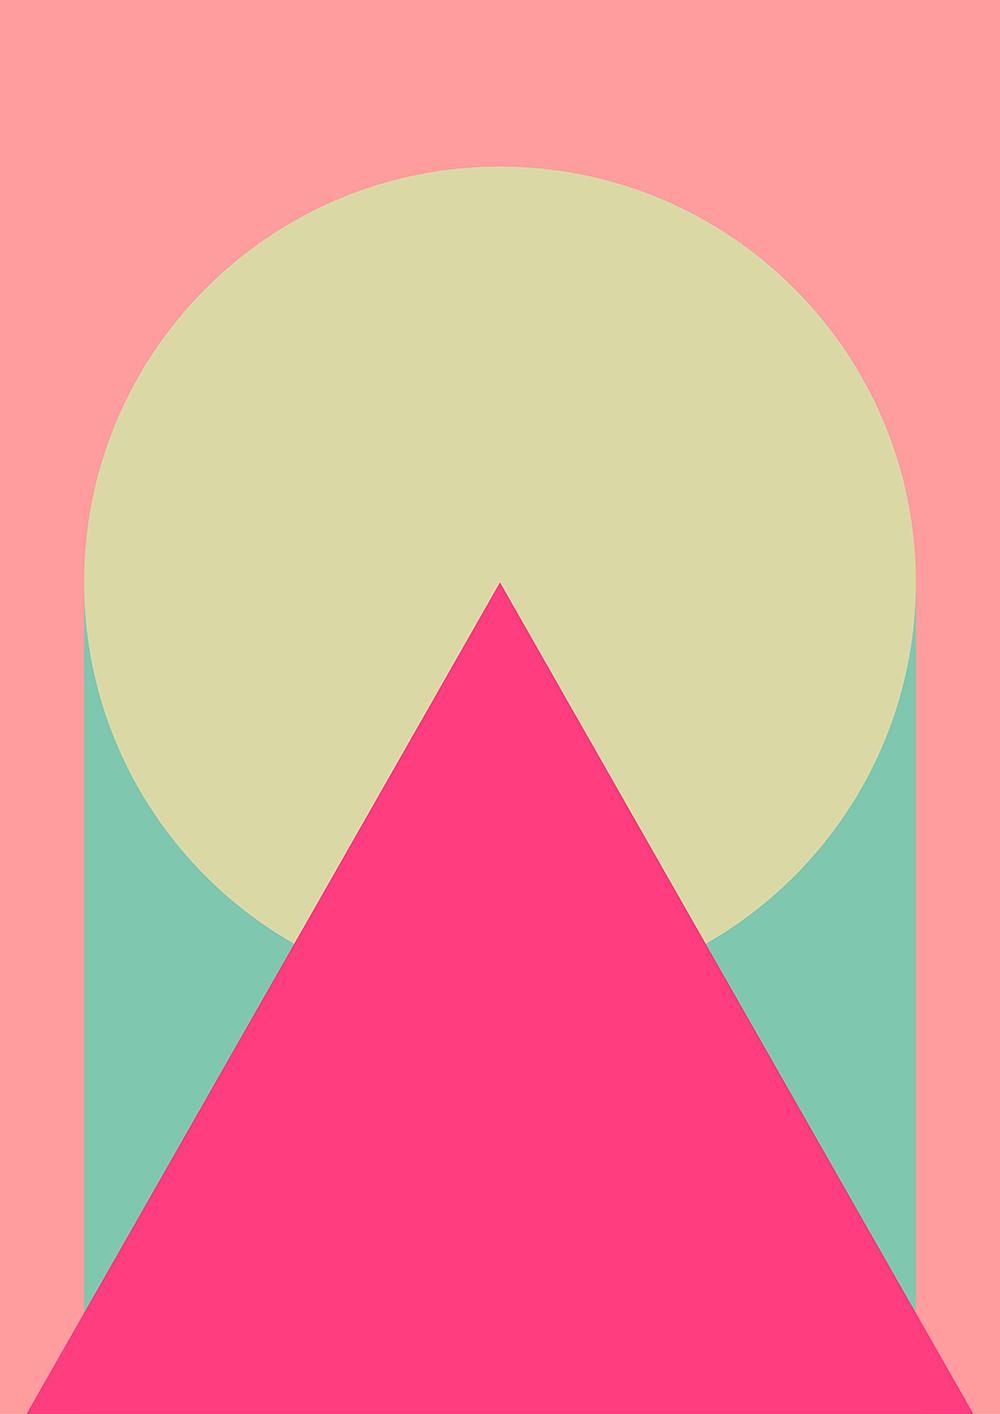 3 Shapes2311.jpg